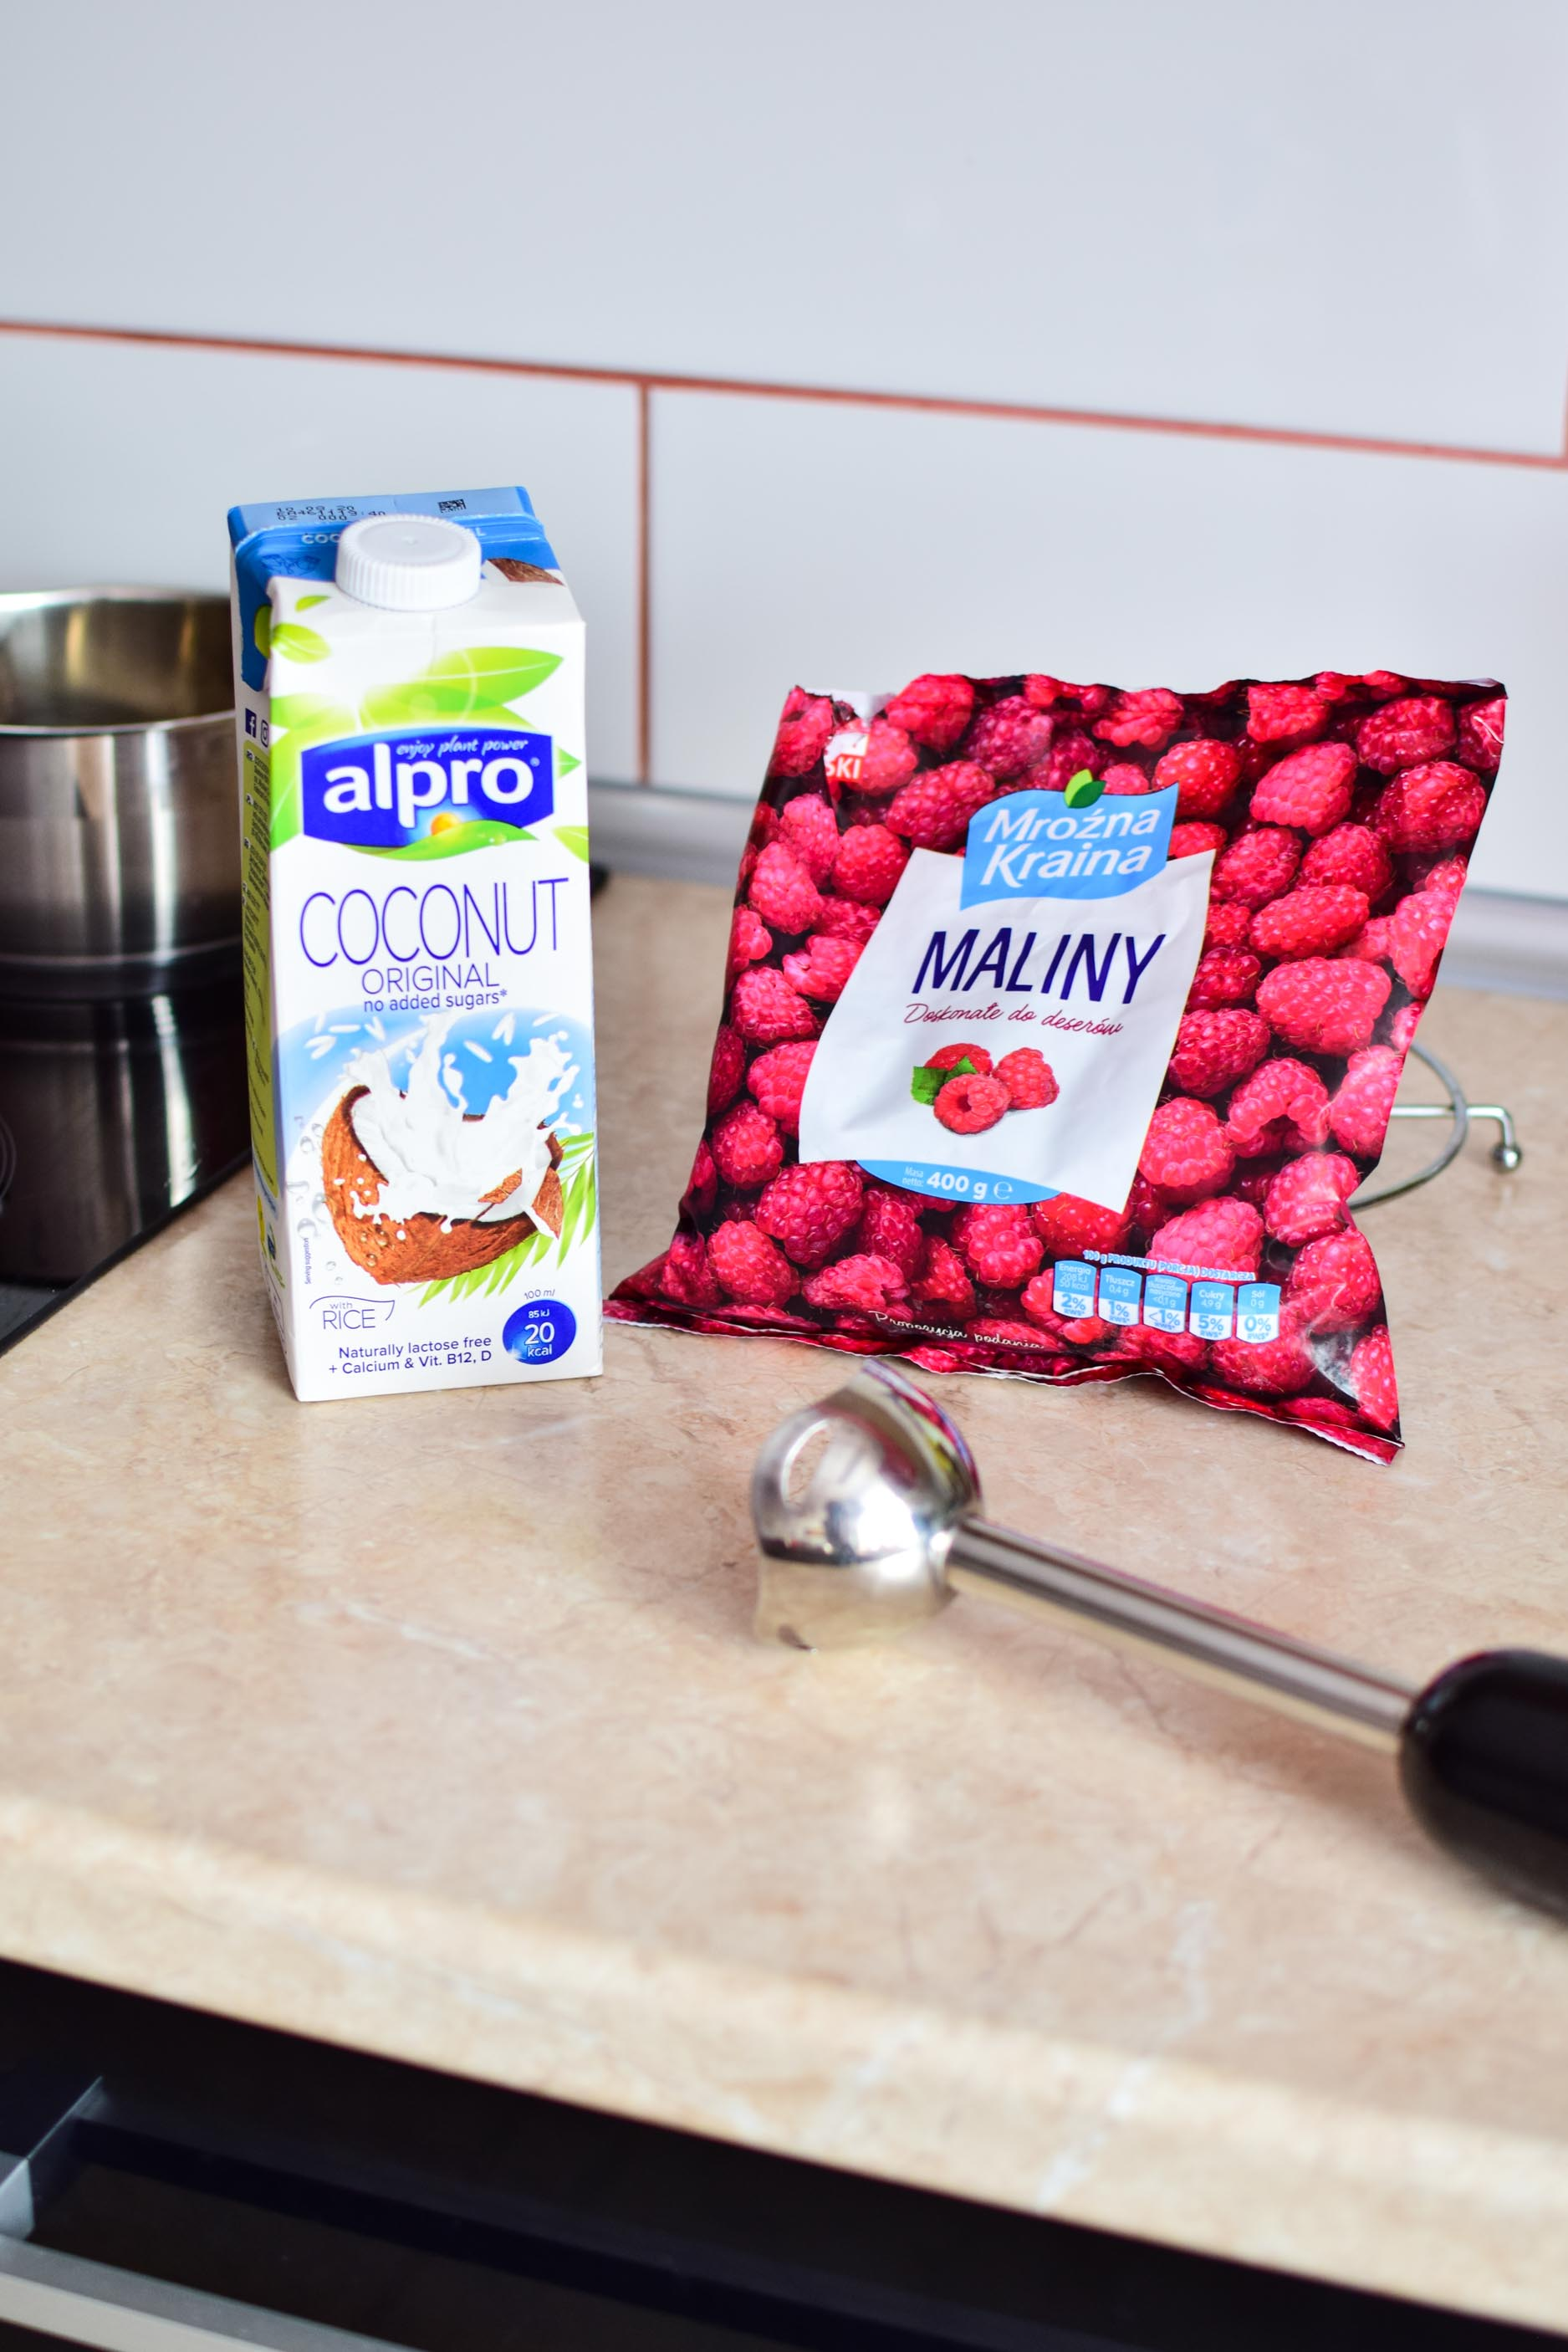 dalgona_coffee_kaw_po_koreańsku_przepis_blog_maliny